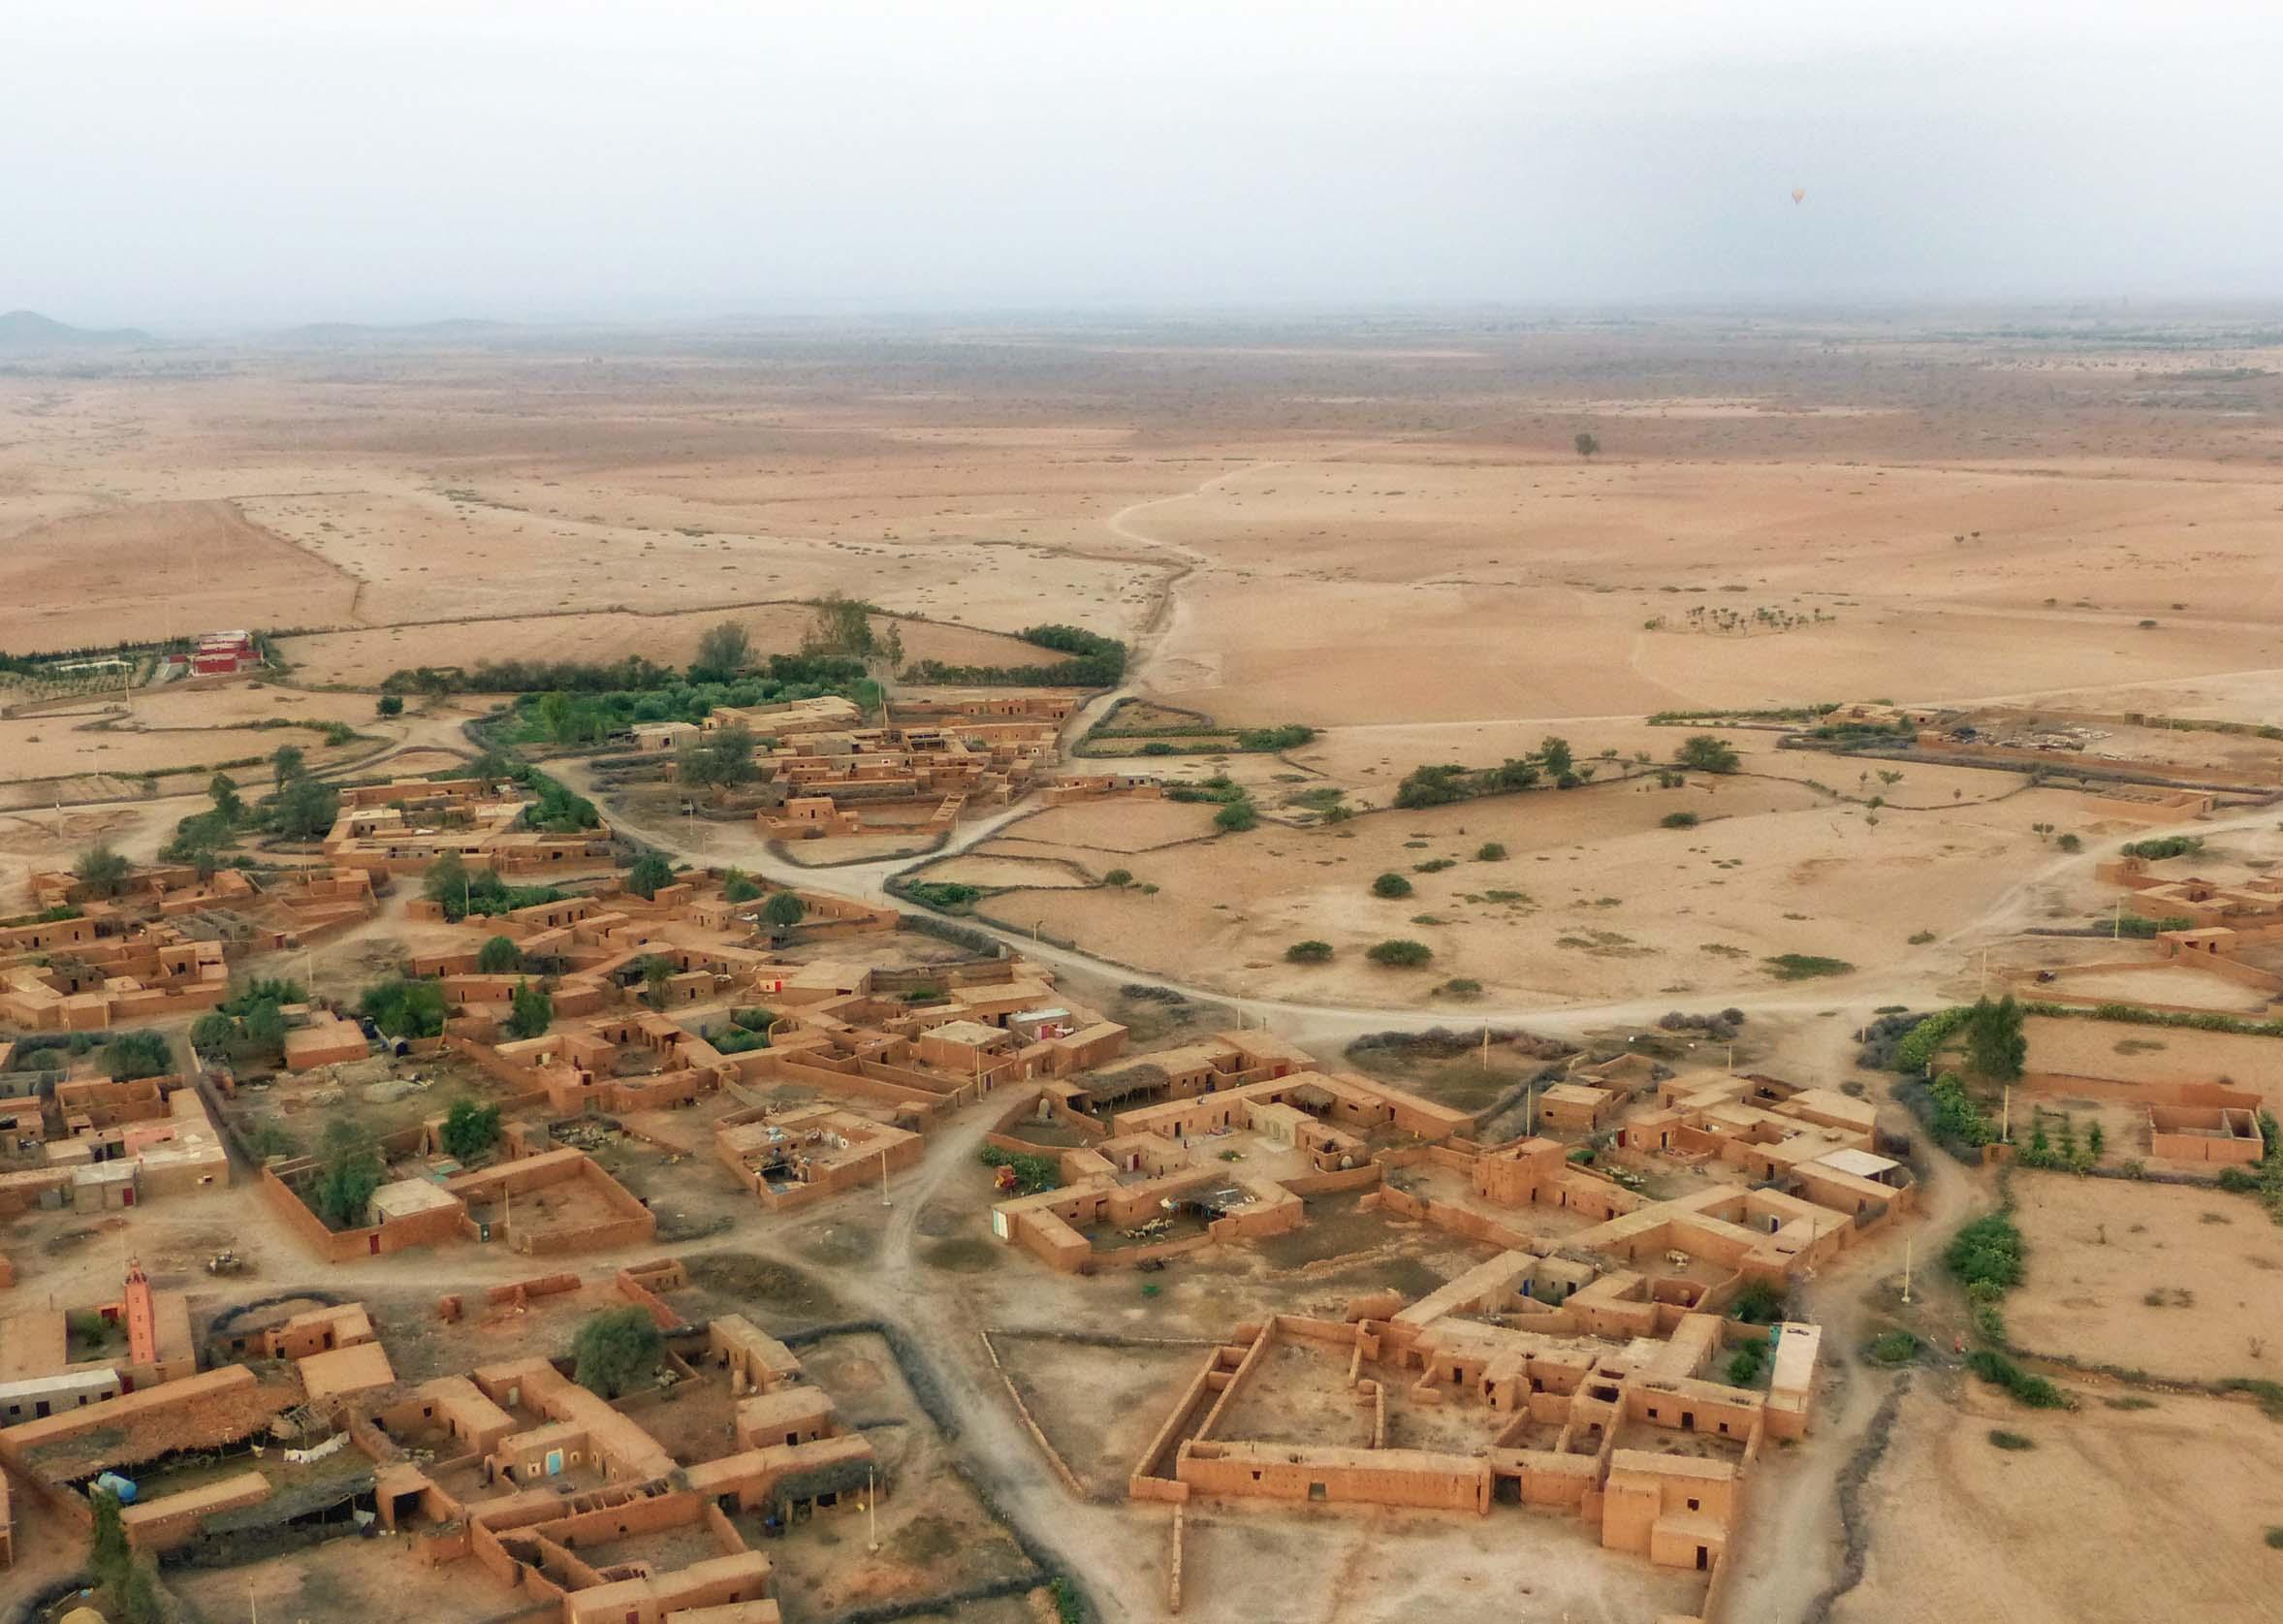 Aerial view of desert village